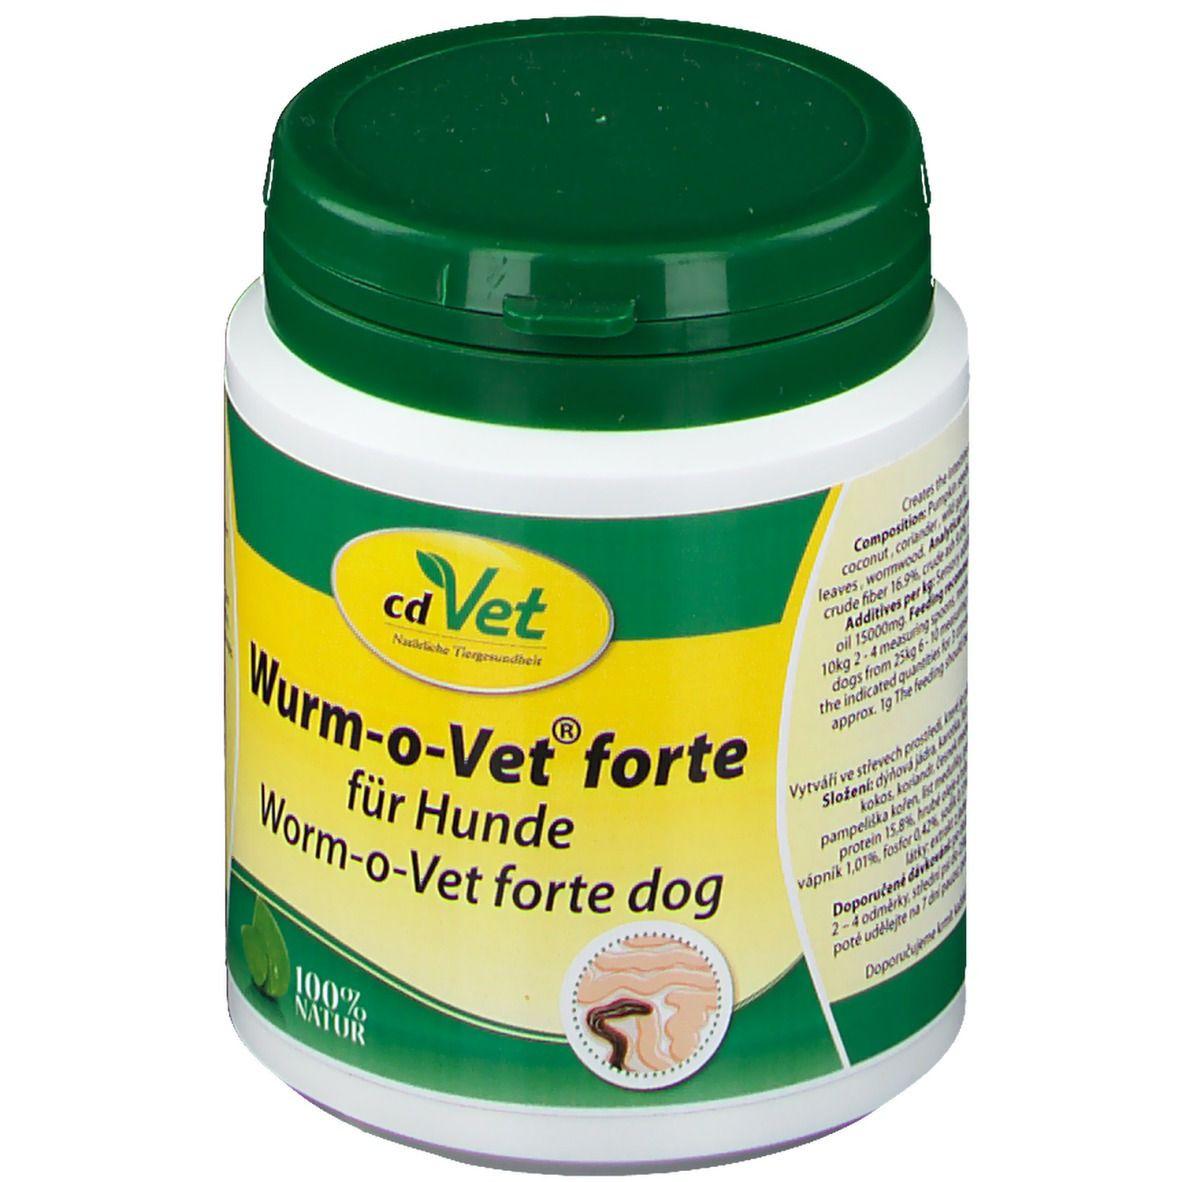 cd Vet Wurm-o-Vet® forte für Hunde